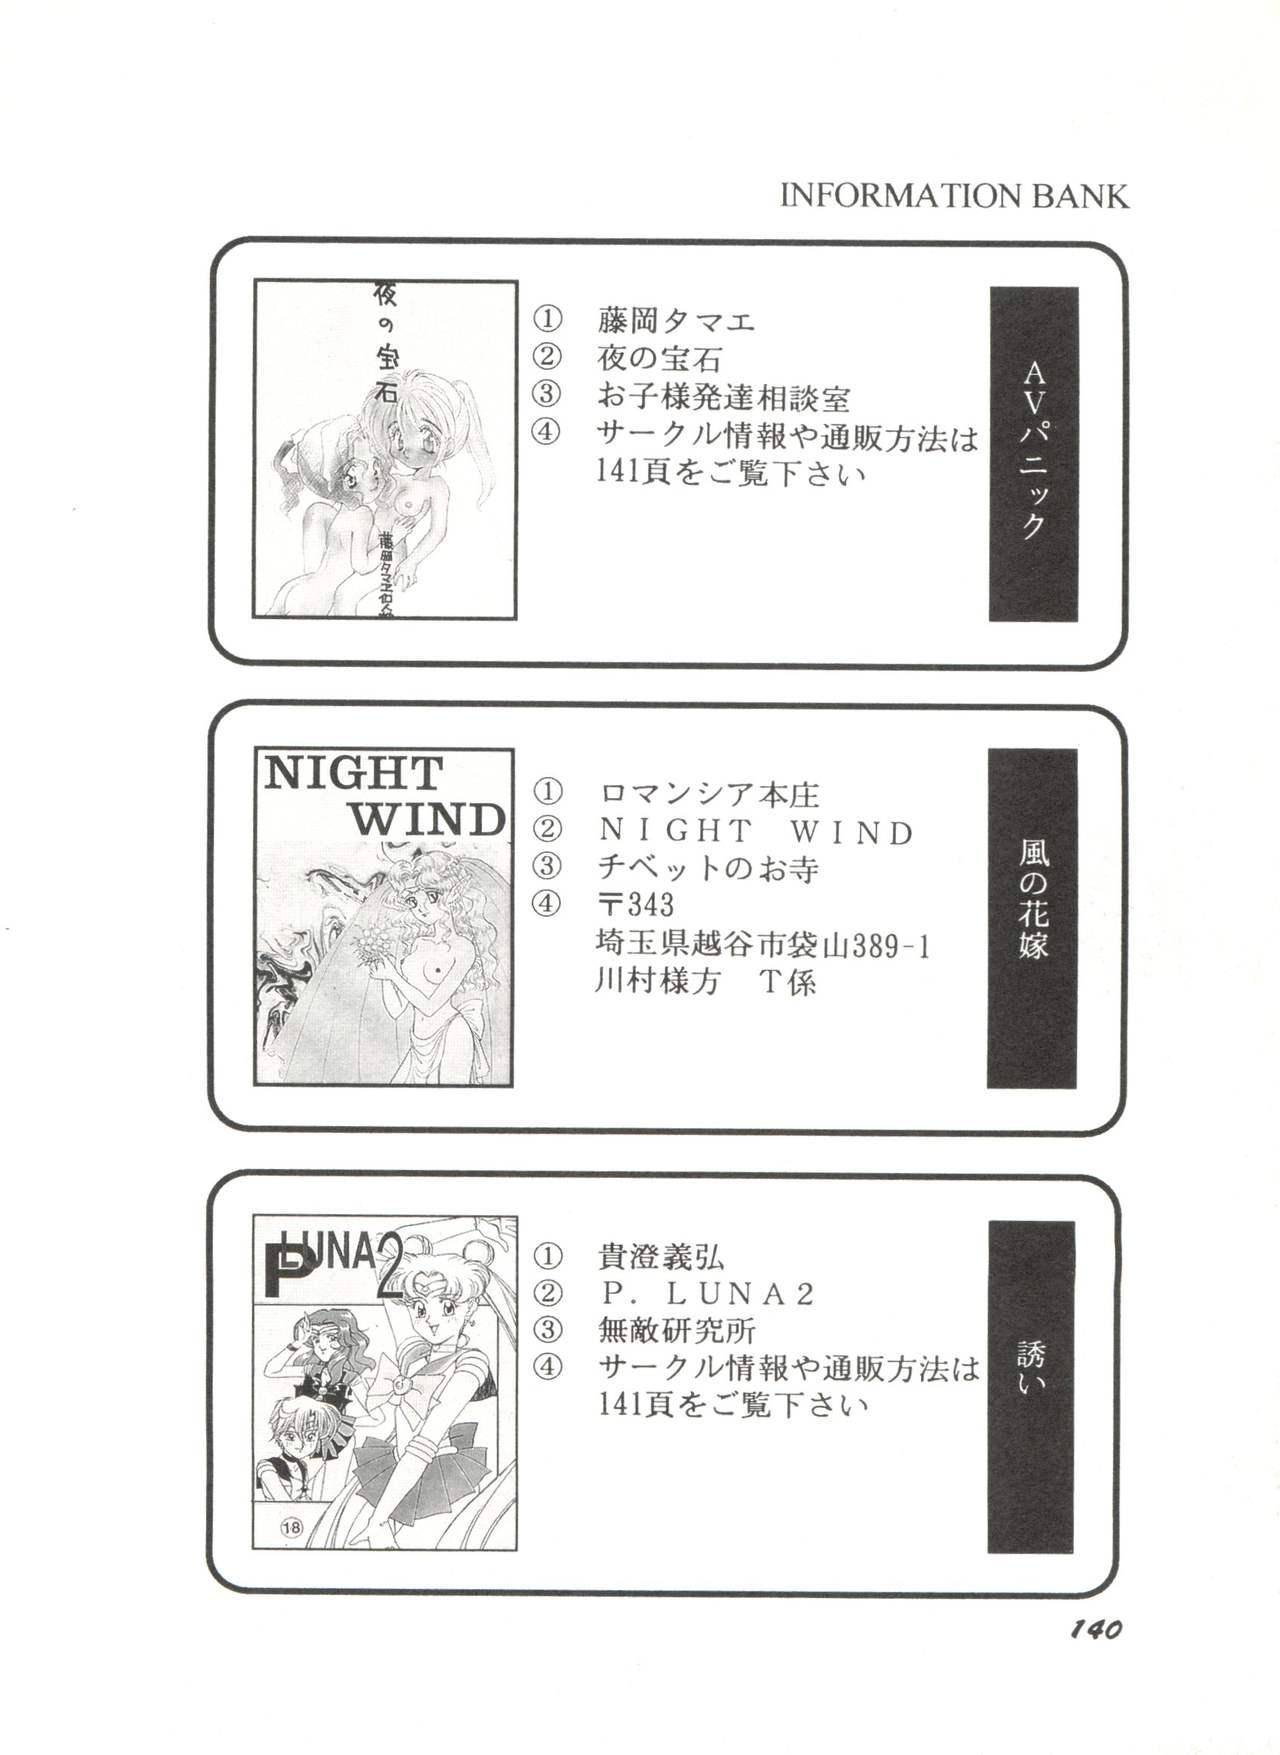 Bishoujo Doujinshi Anthology 6 143